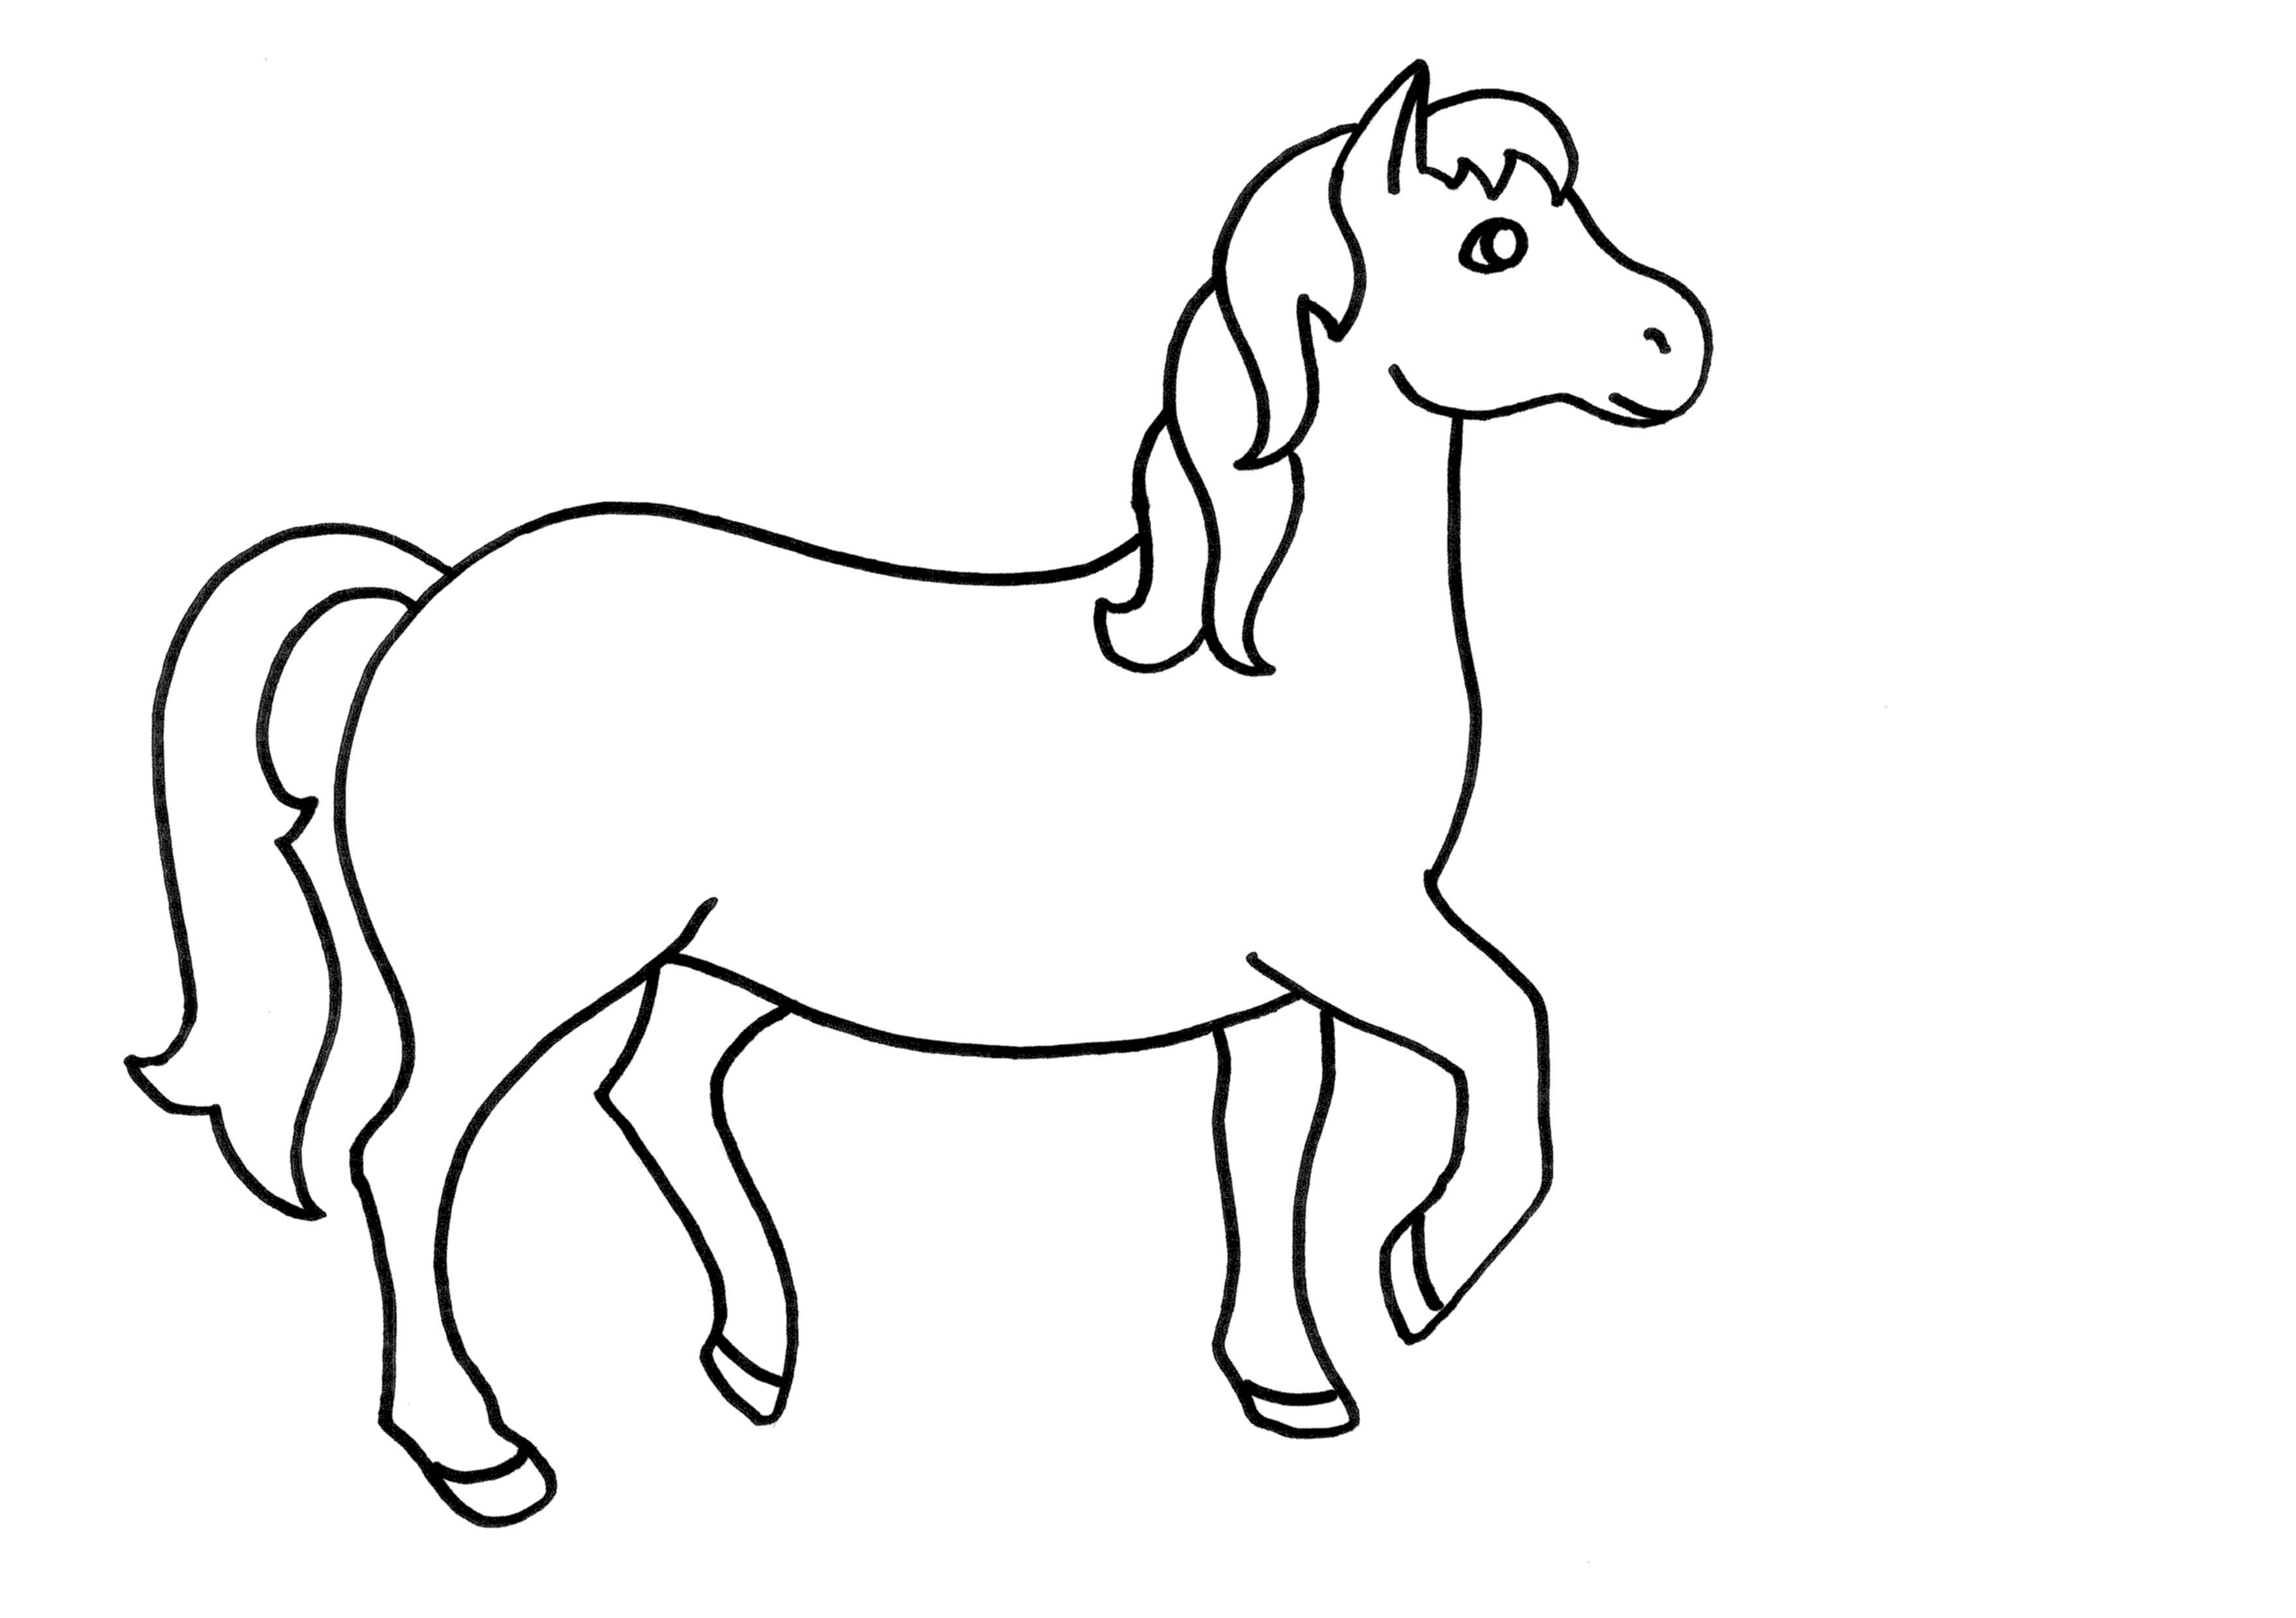 Imagenes de dibujos para colorear de animales – Descargar imágenes ...